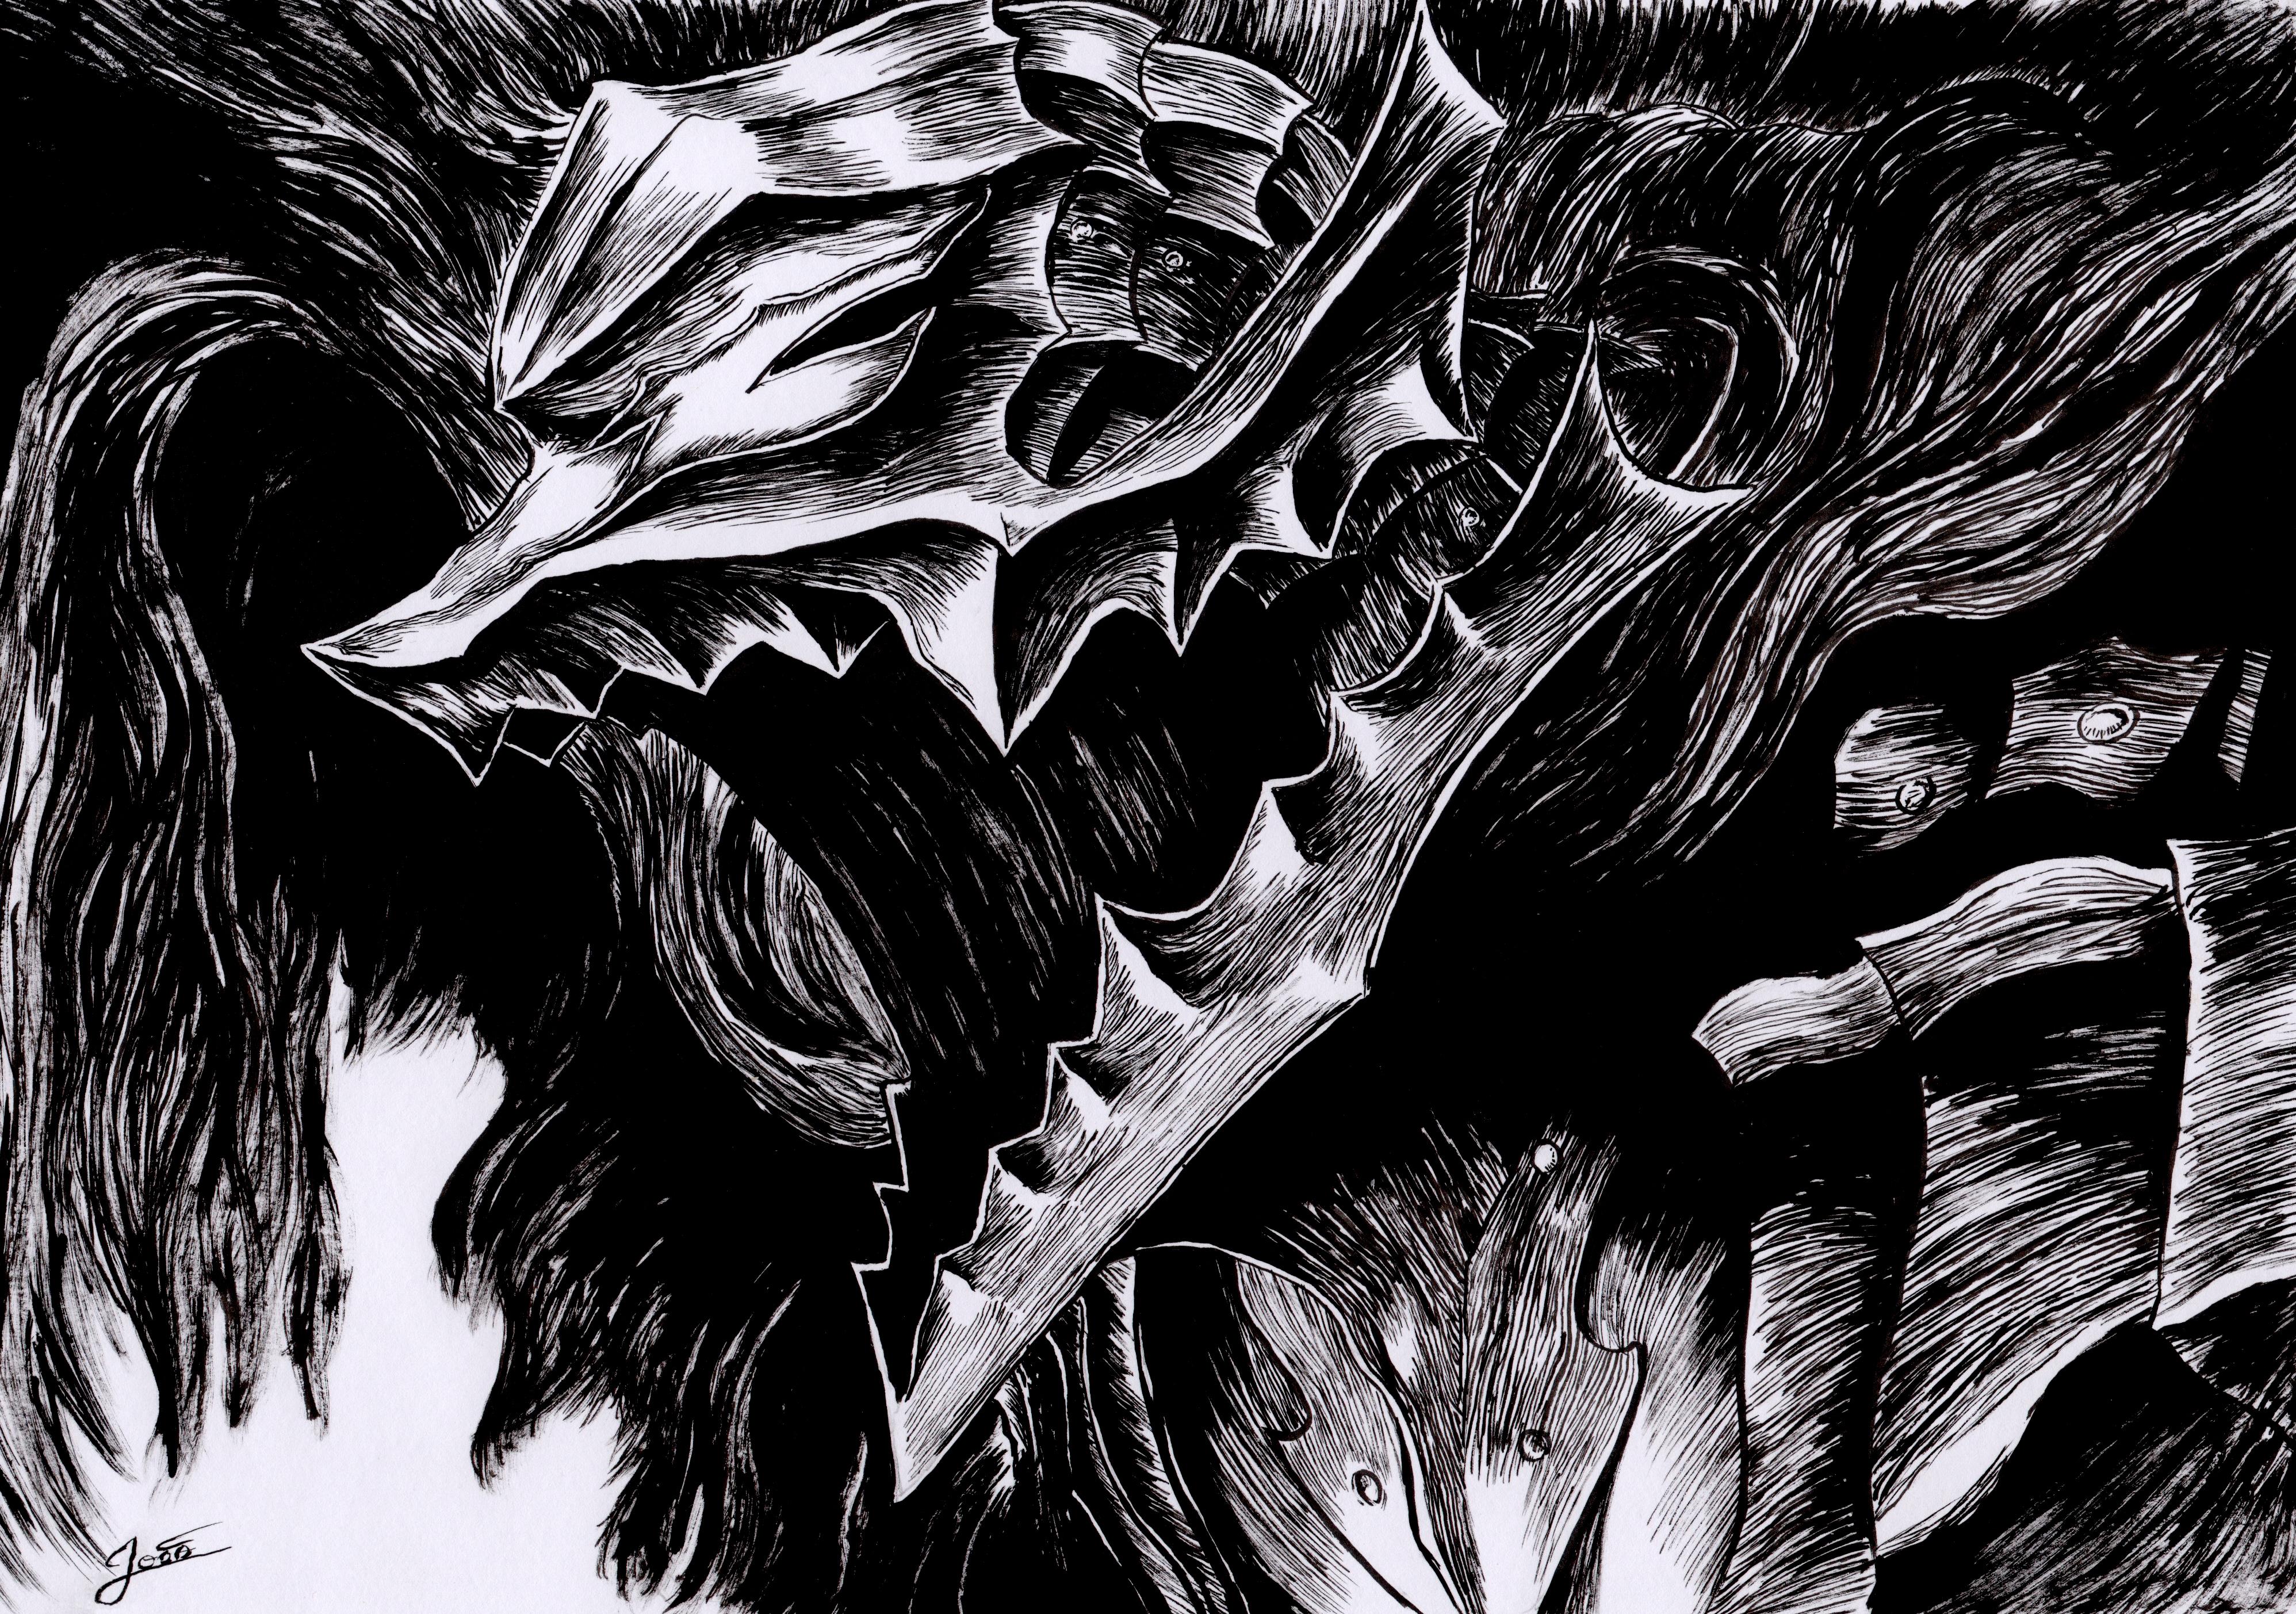 Guts Berserk Armor (Fanart) by Stanley0 on DeviantArt